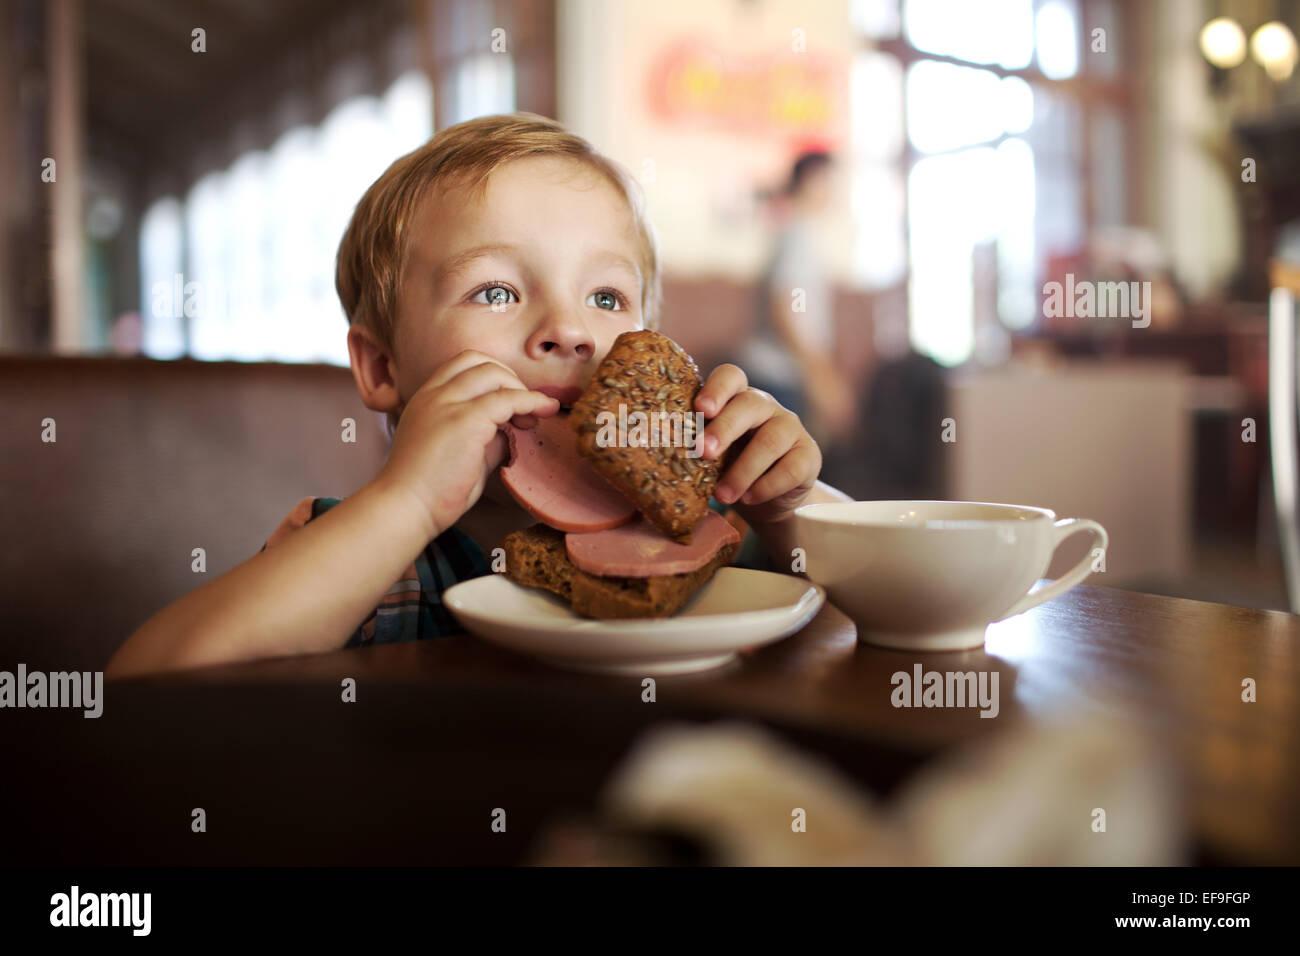 Kleines Kind mit Sandwich und Tee im Café zu Mittag Stockbild